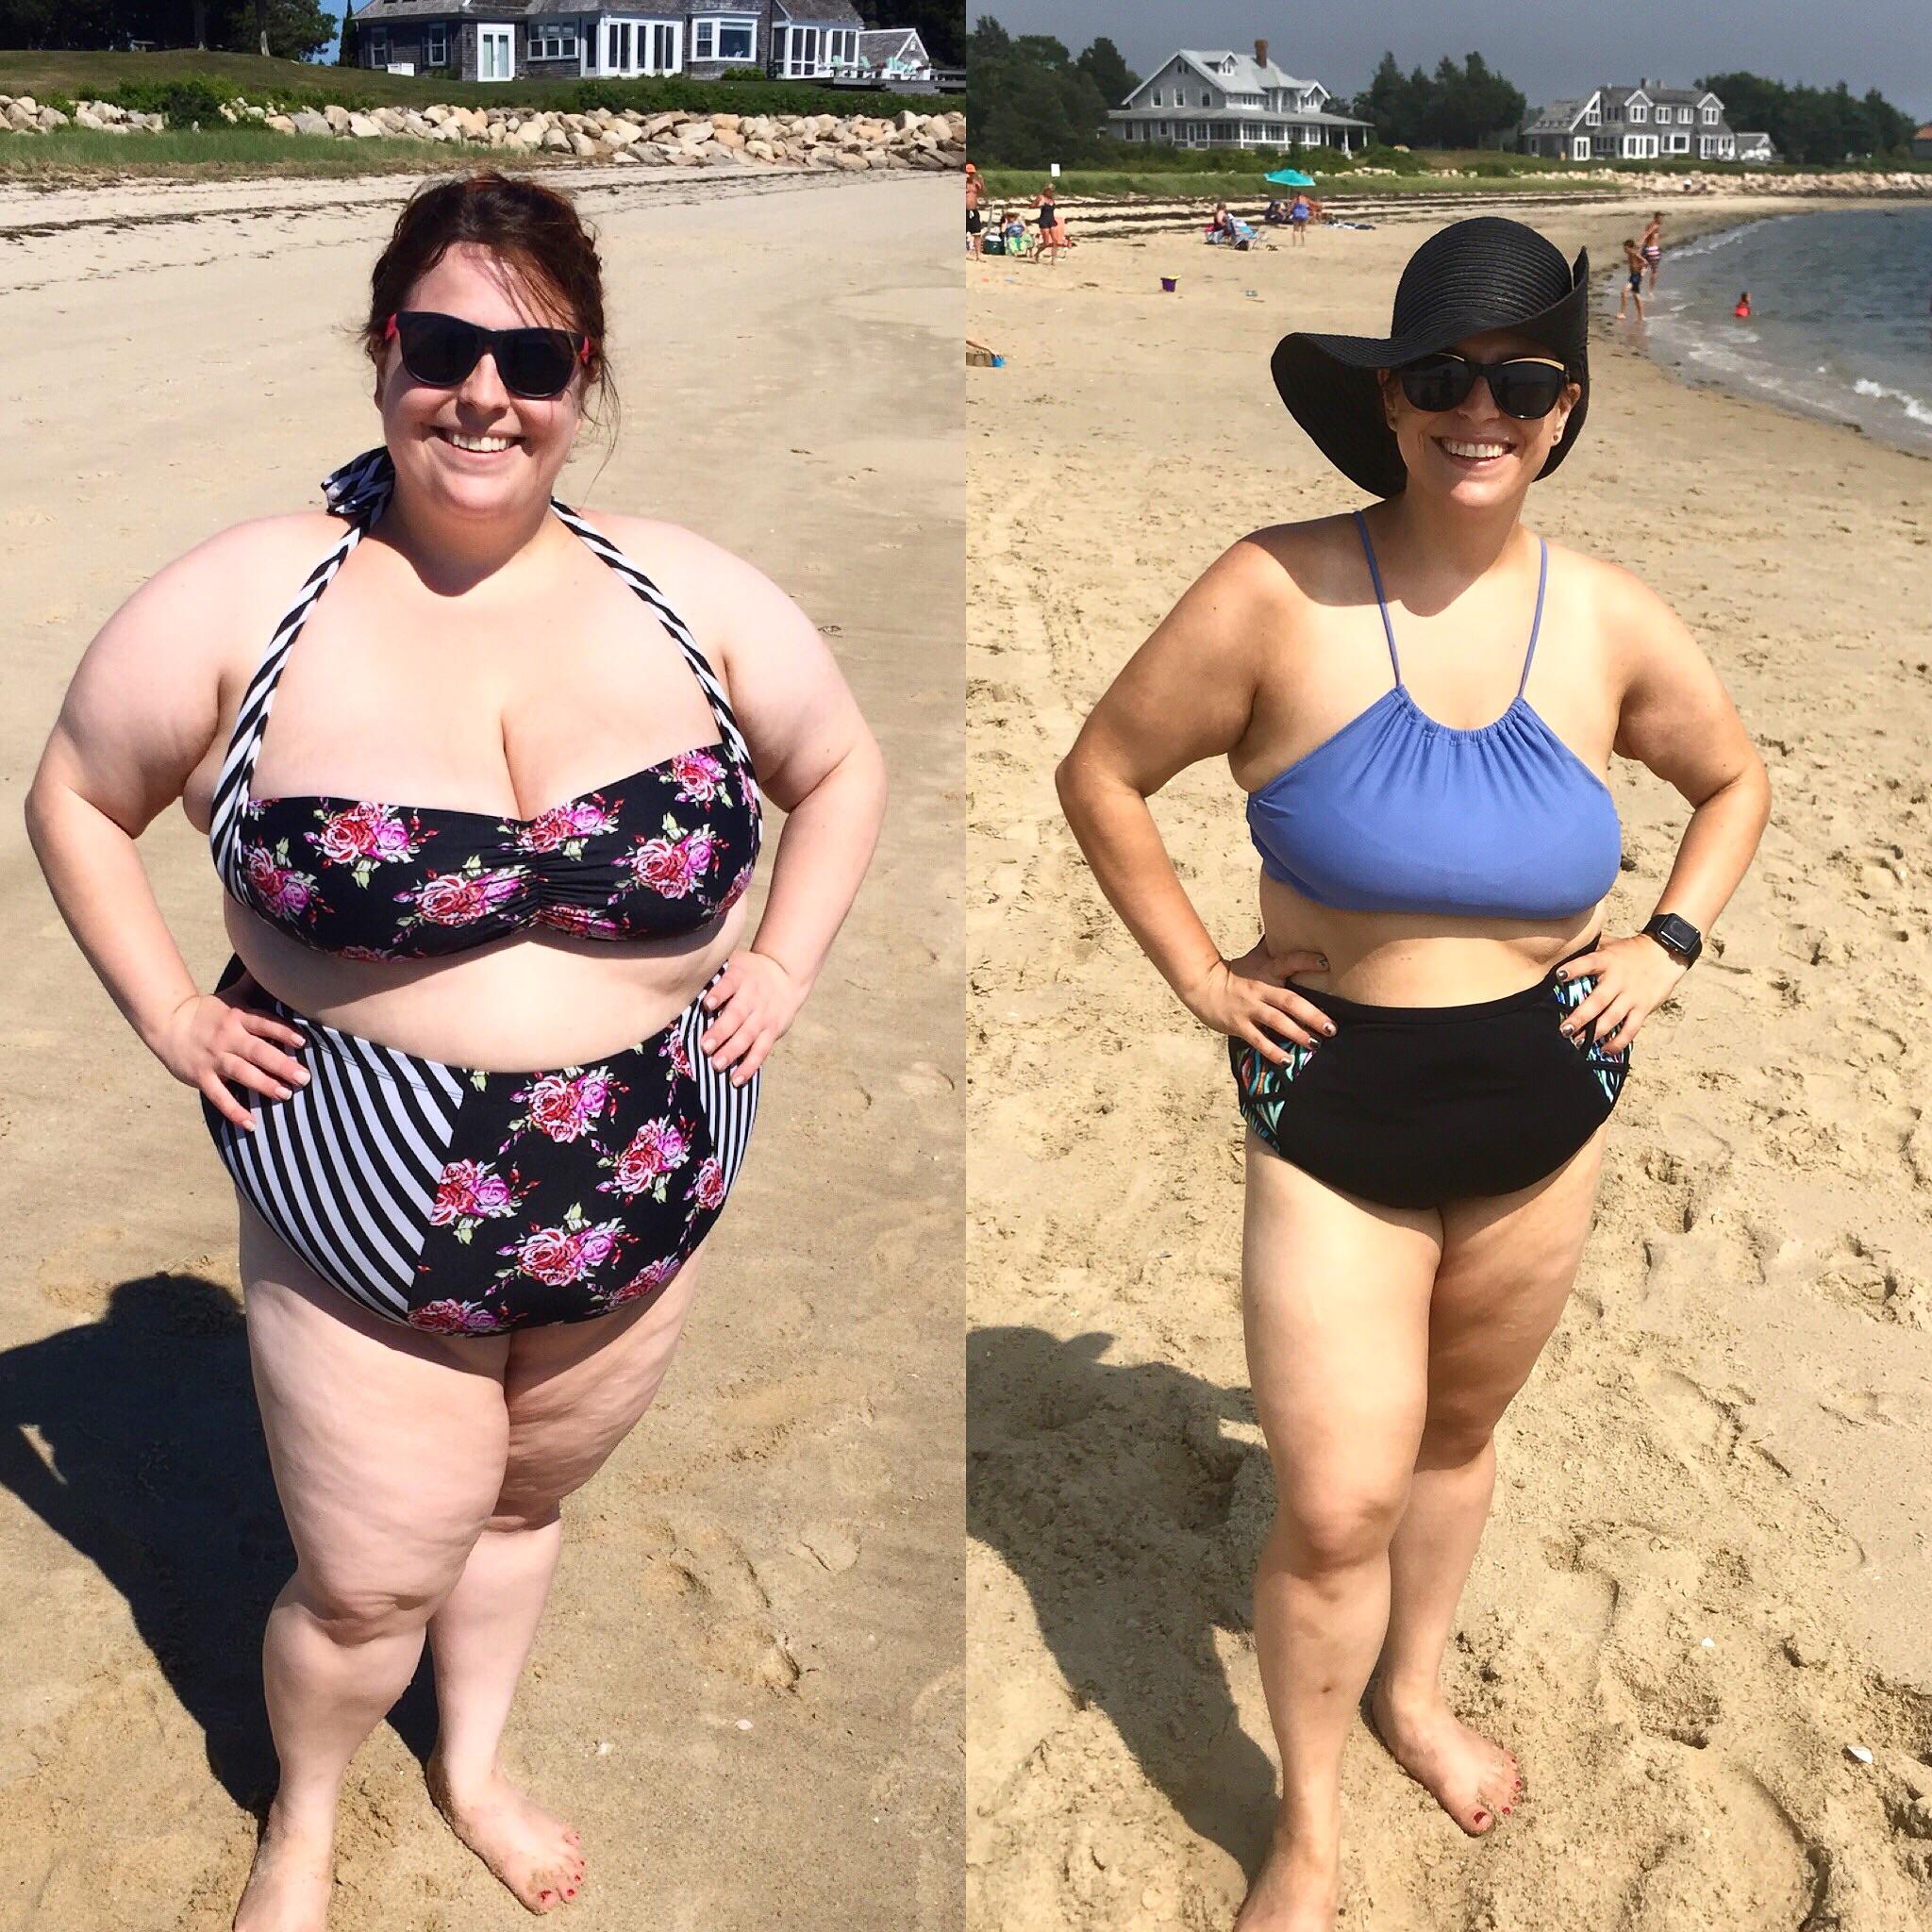 Progress Pics of 110 lbs Fat Loss 5 feet 2 Female 281 lbs to 171 lbs